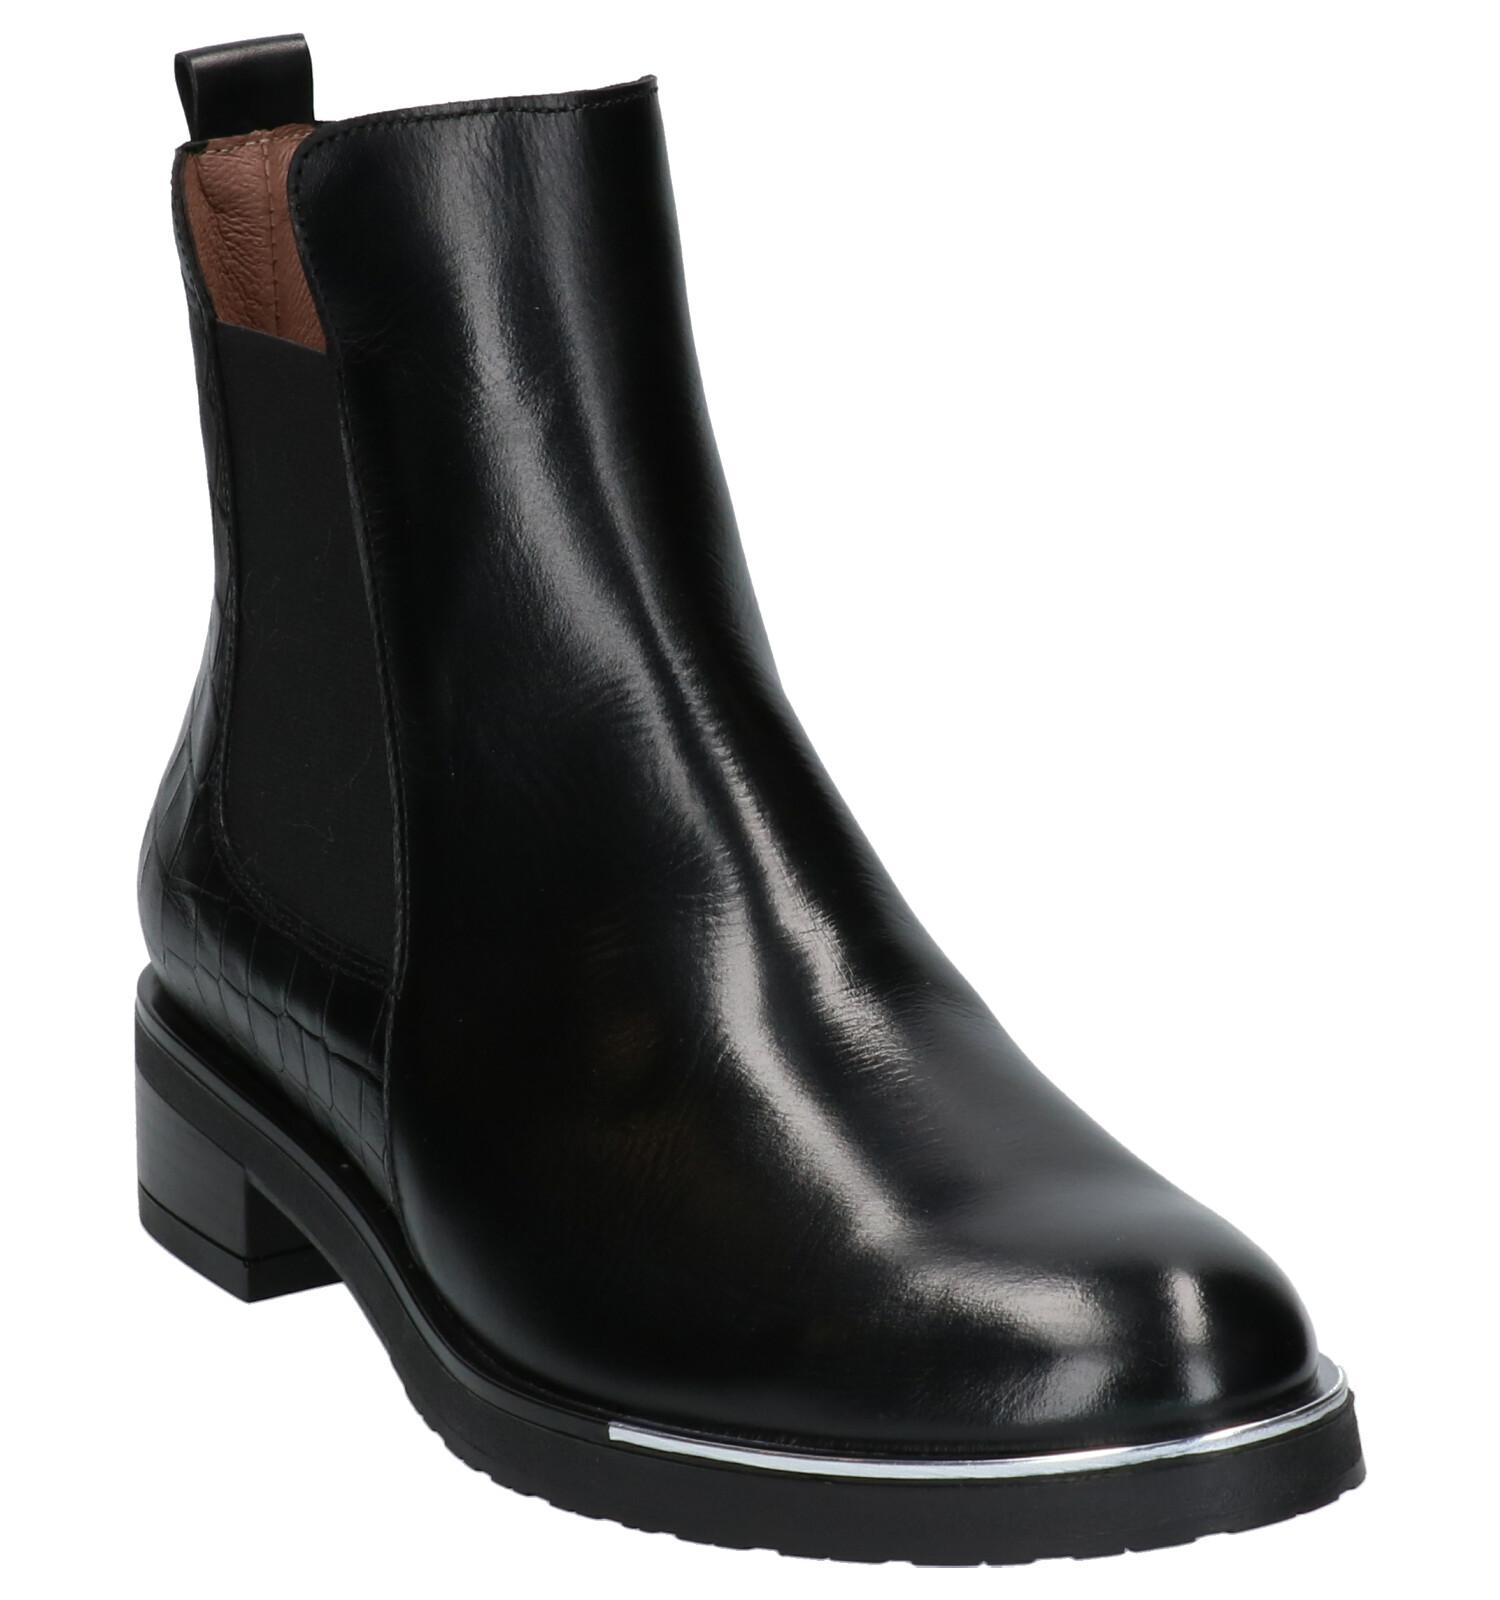 Boots Boots Zwarte Wonders Chelsea Chelsea Wonders Zwarte Zwarte Chelsea Wonders QCxdtshr